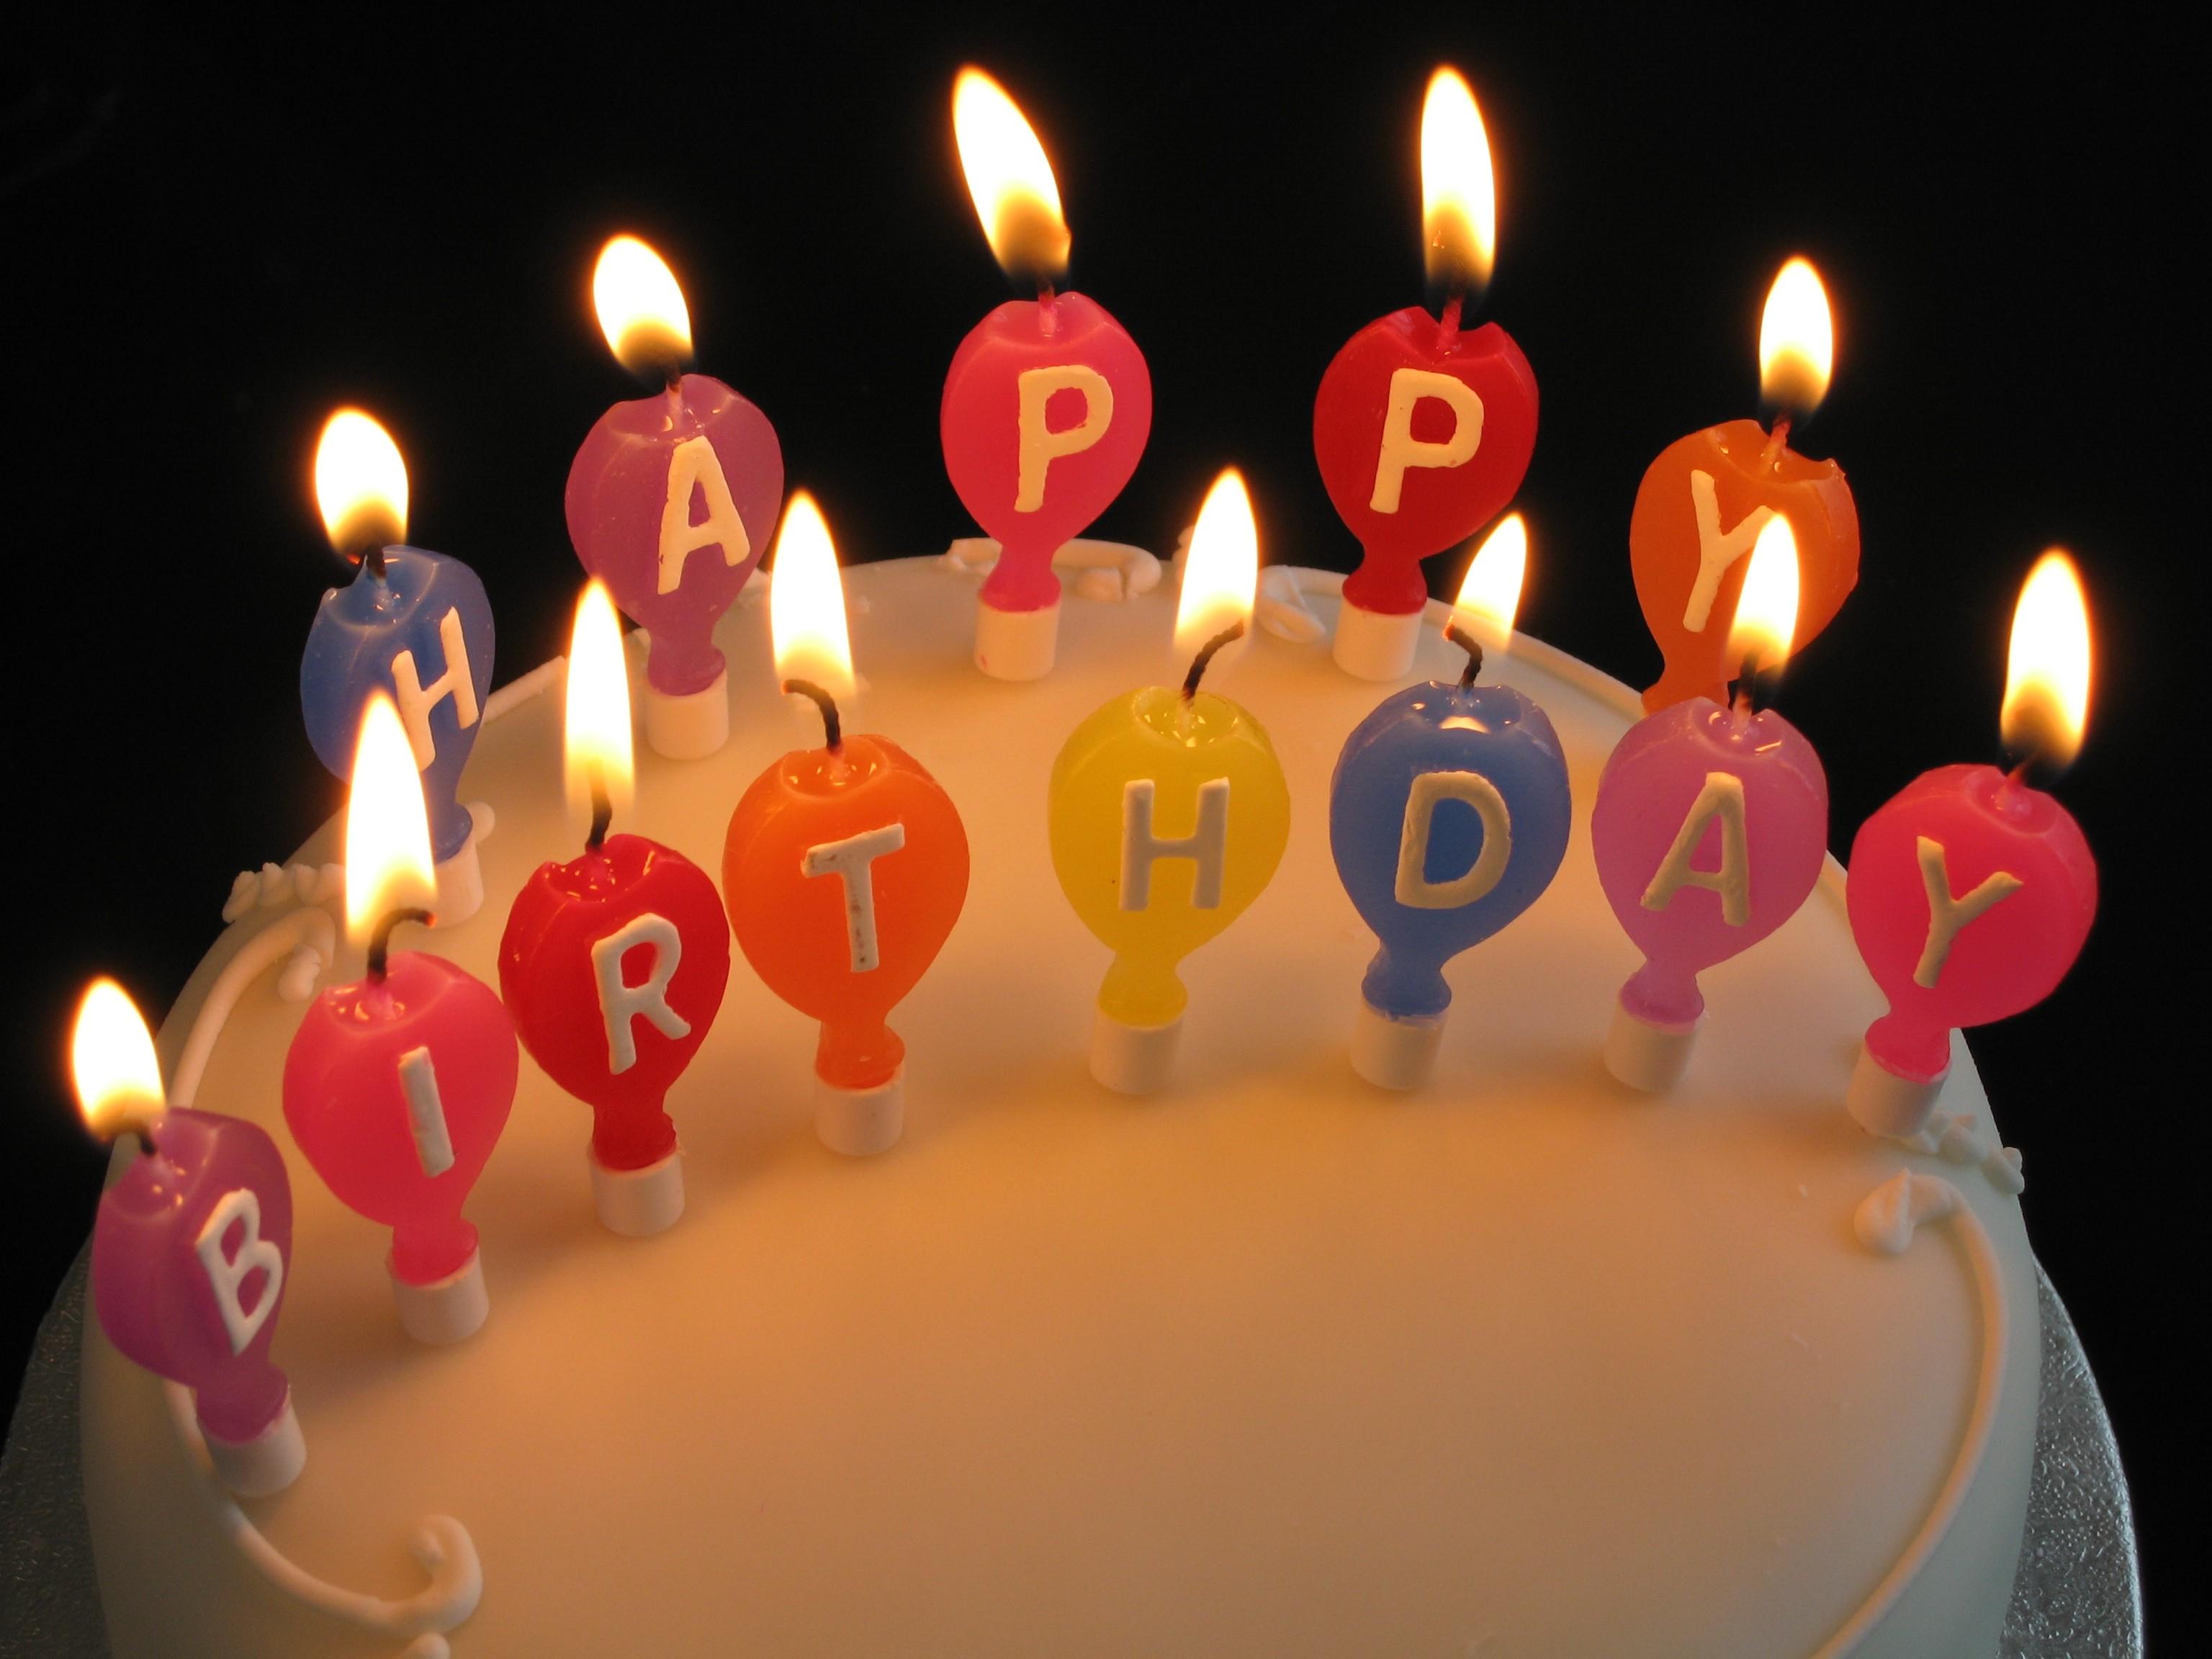 Открытка поздравления с днем рождения мужчине на английском, татьянины